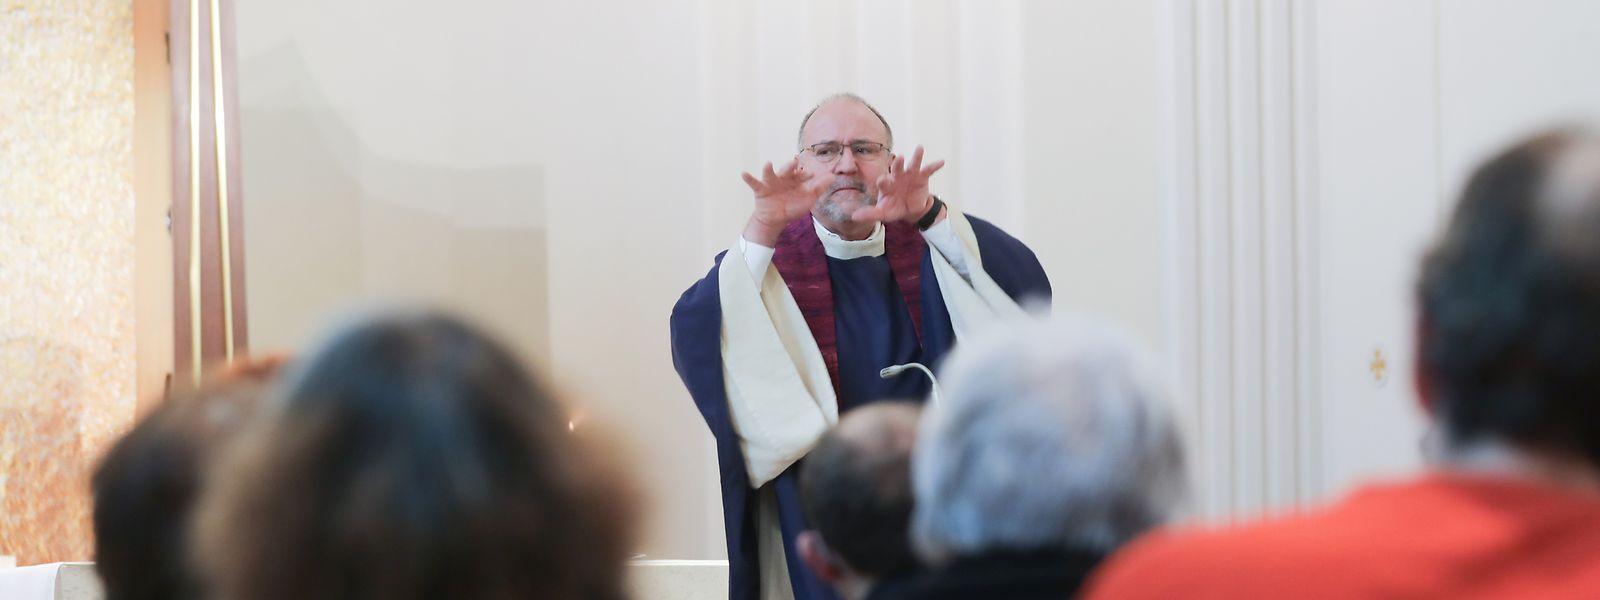 Pfarrer Ralf Schmitz betreut die gebärdensprachliche Gemeinde seelsorgerisch.